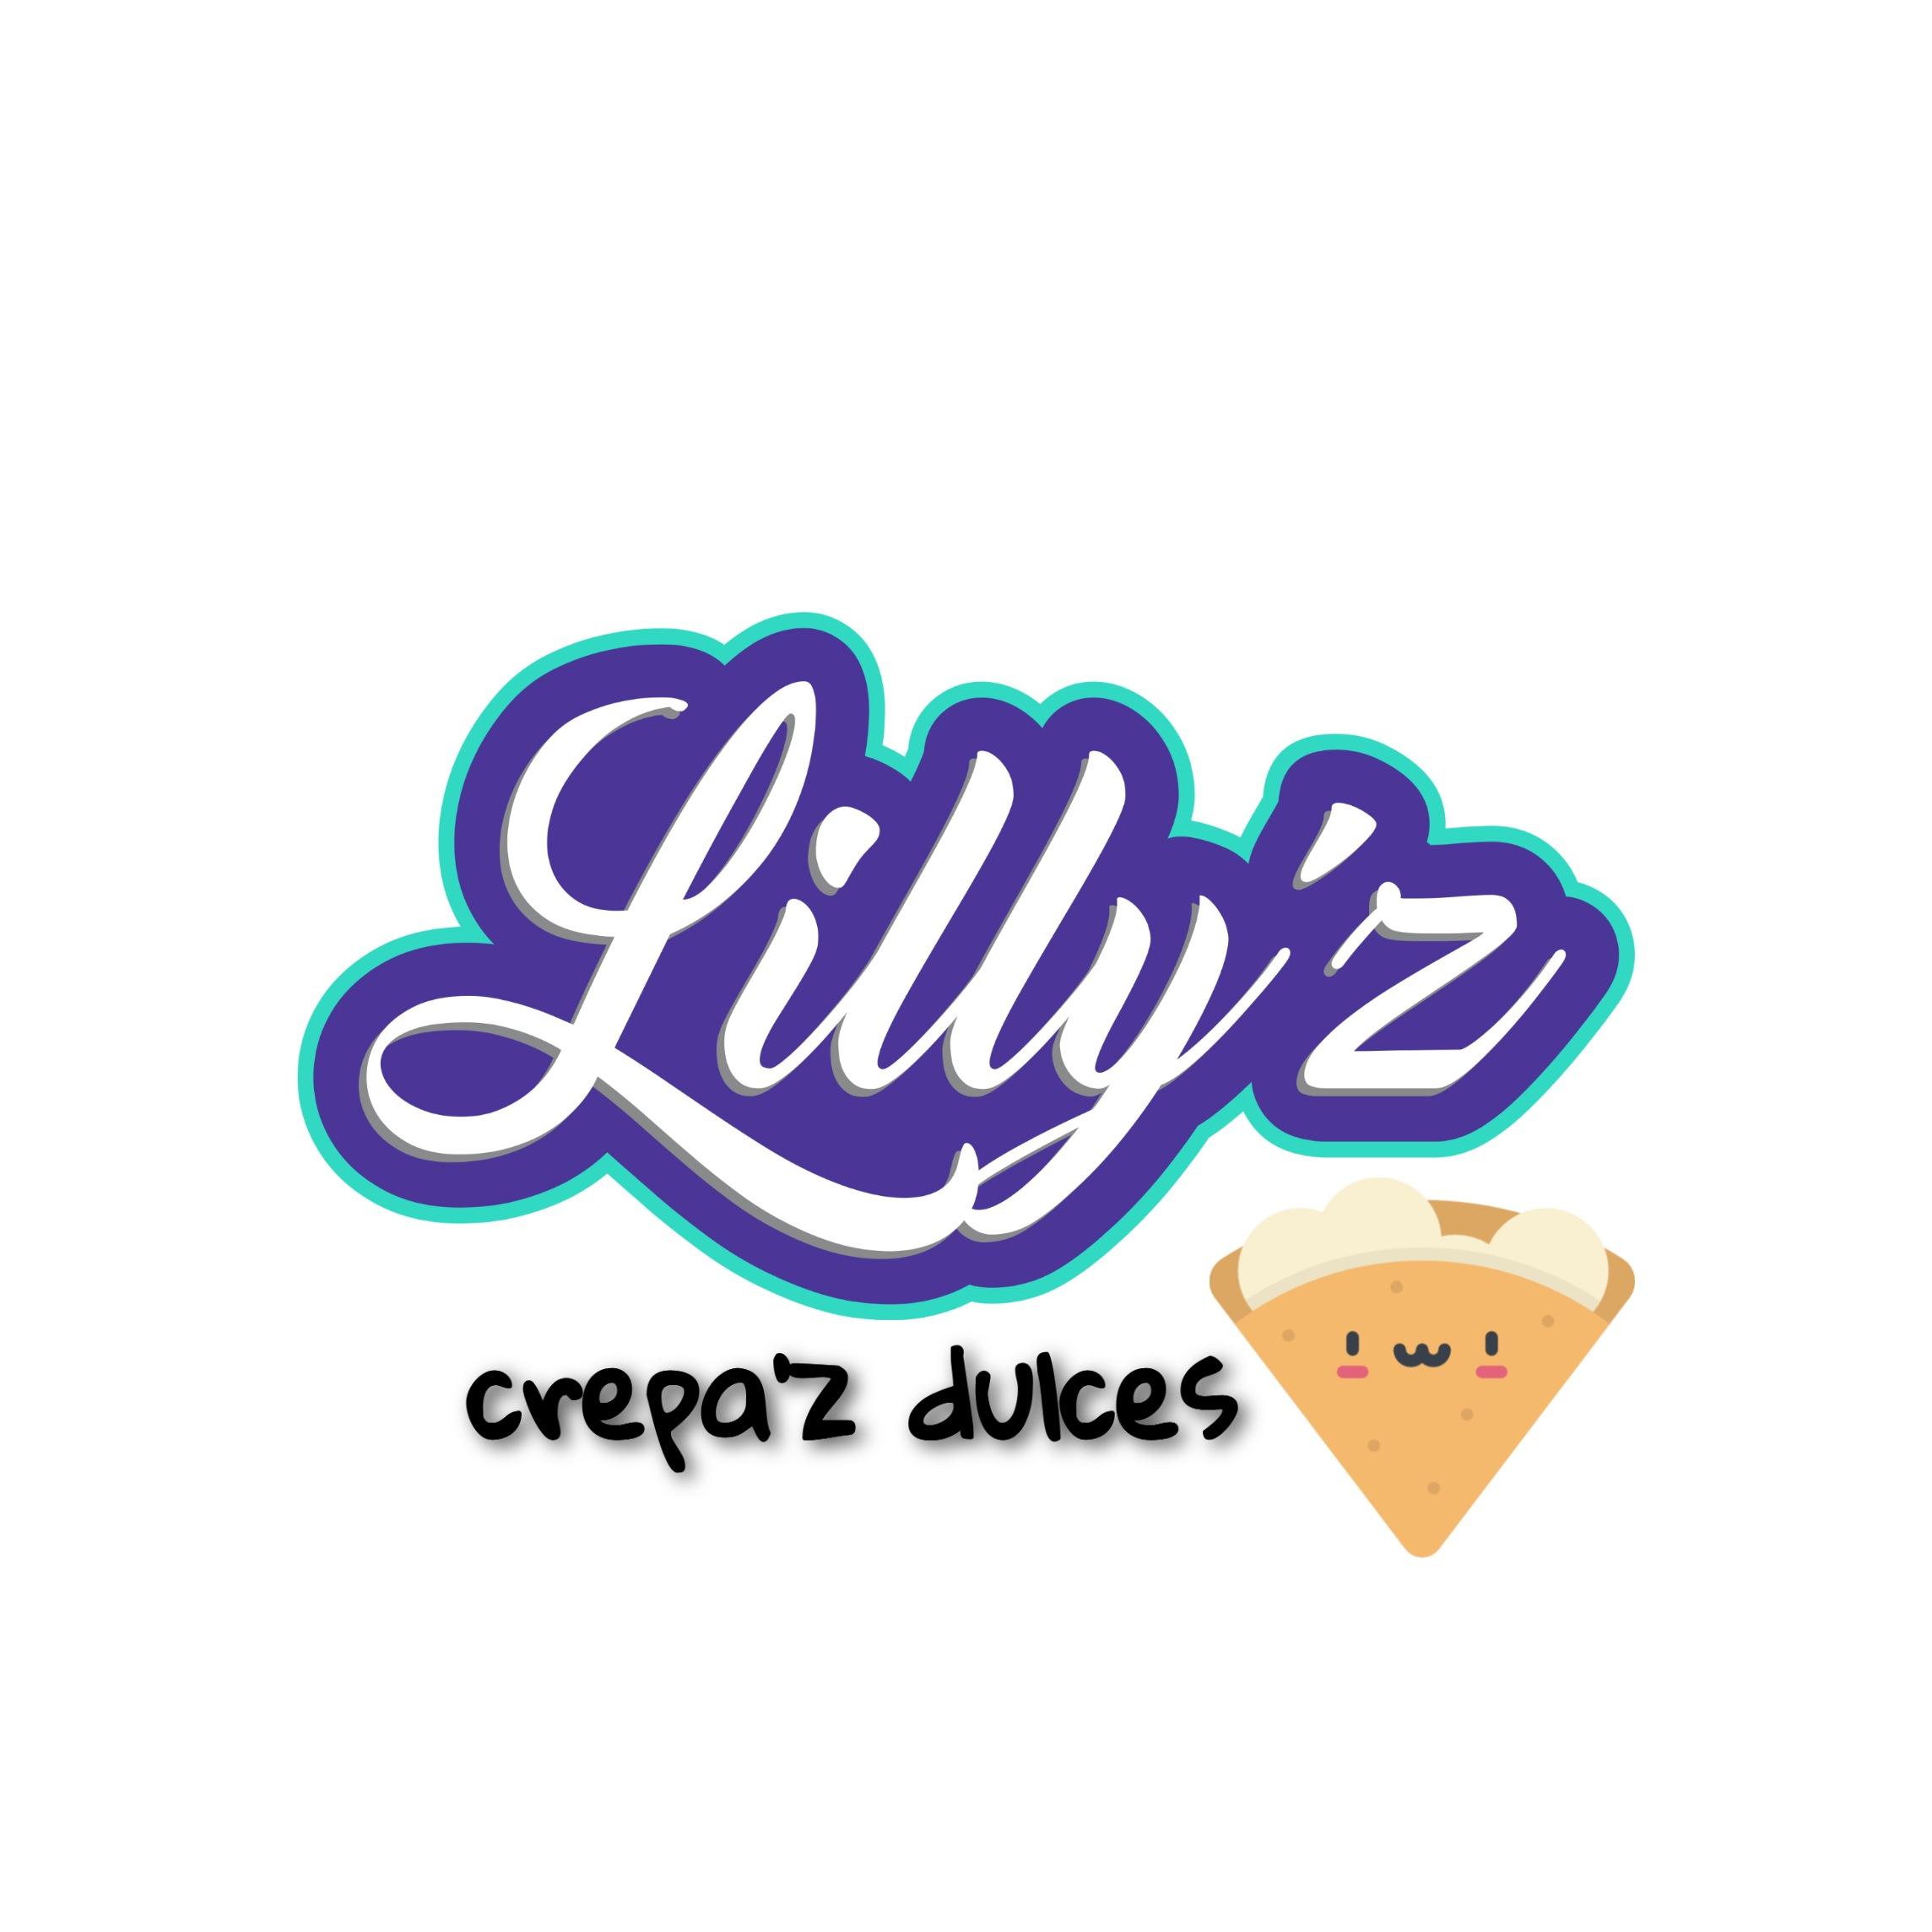 Crepa'z dulces Lilly'z